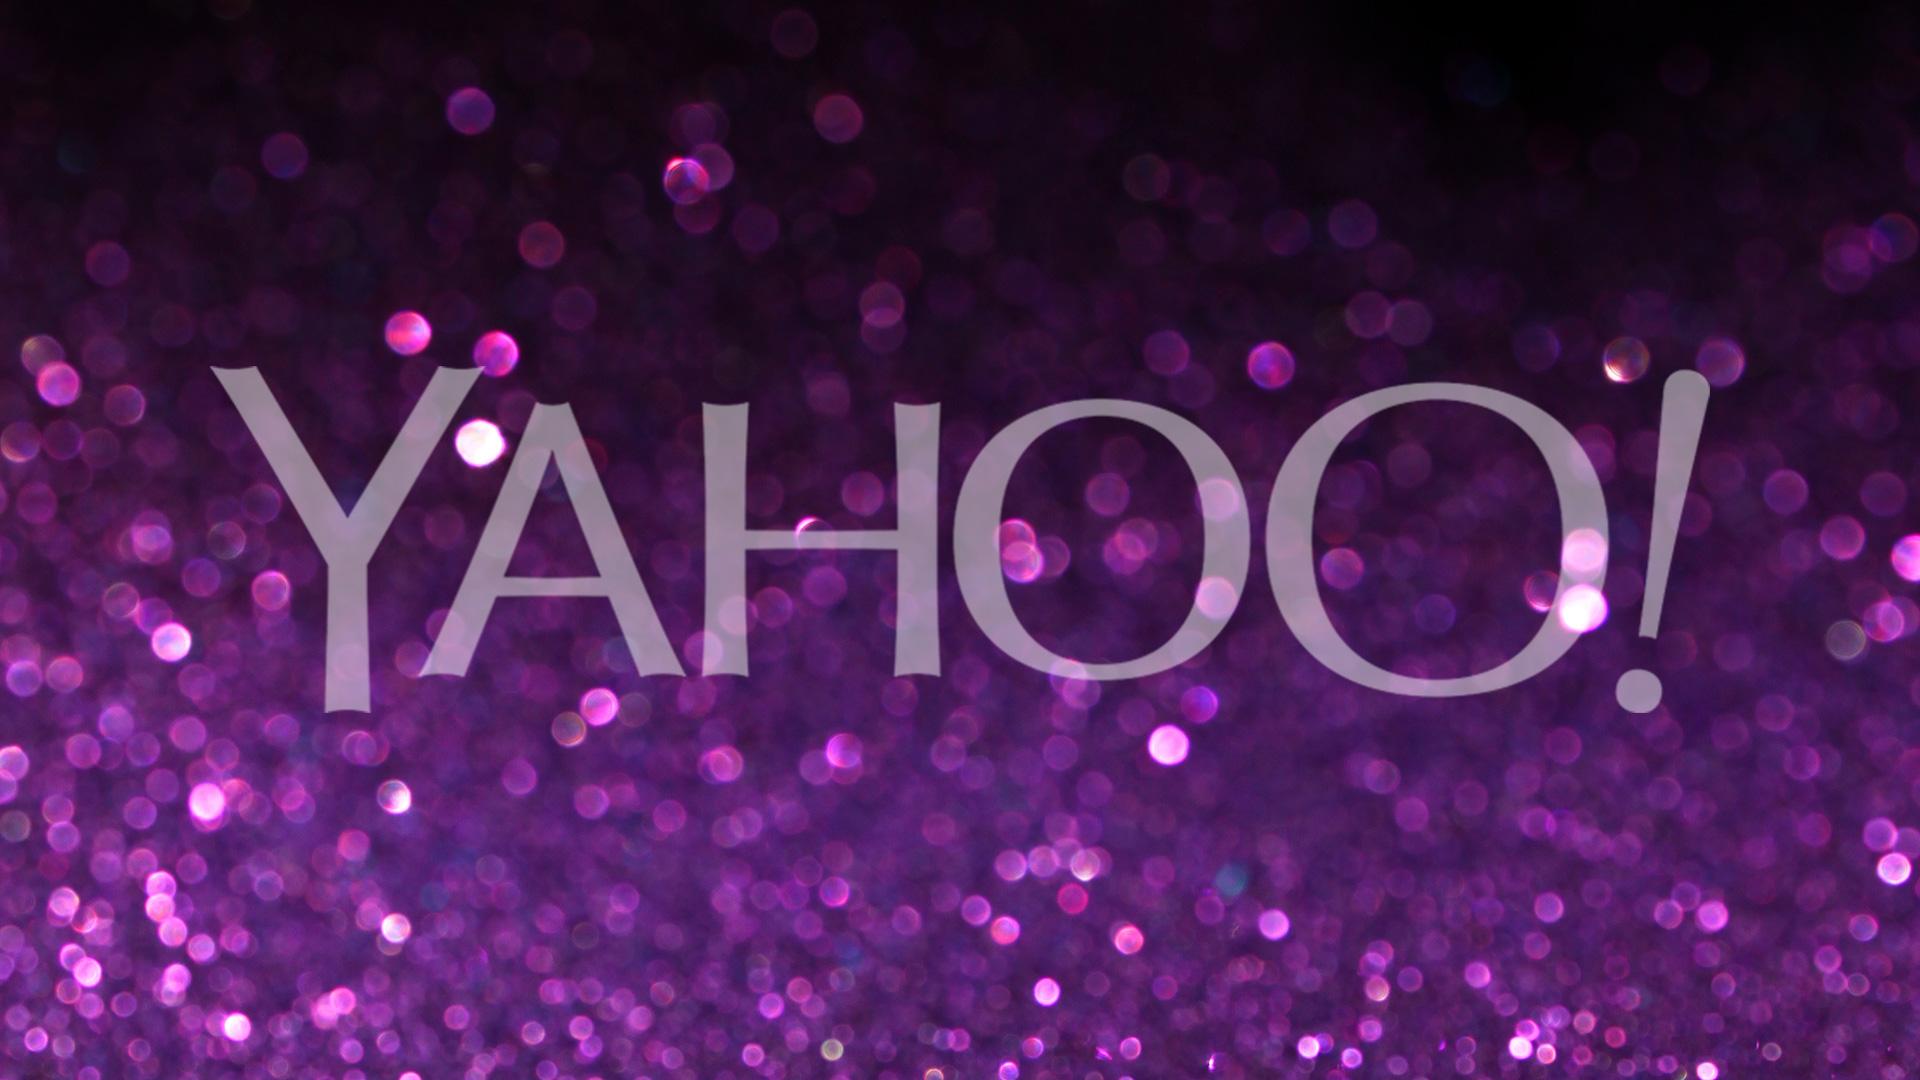 yahoo-logo2-fade-ss-1920